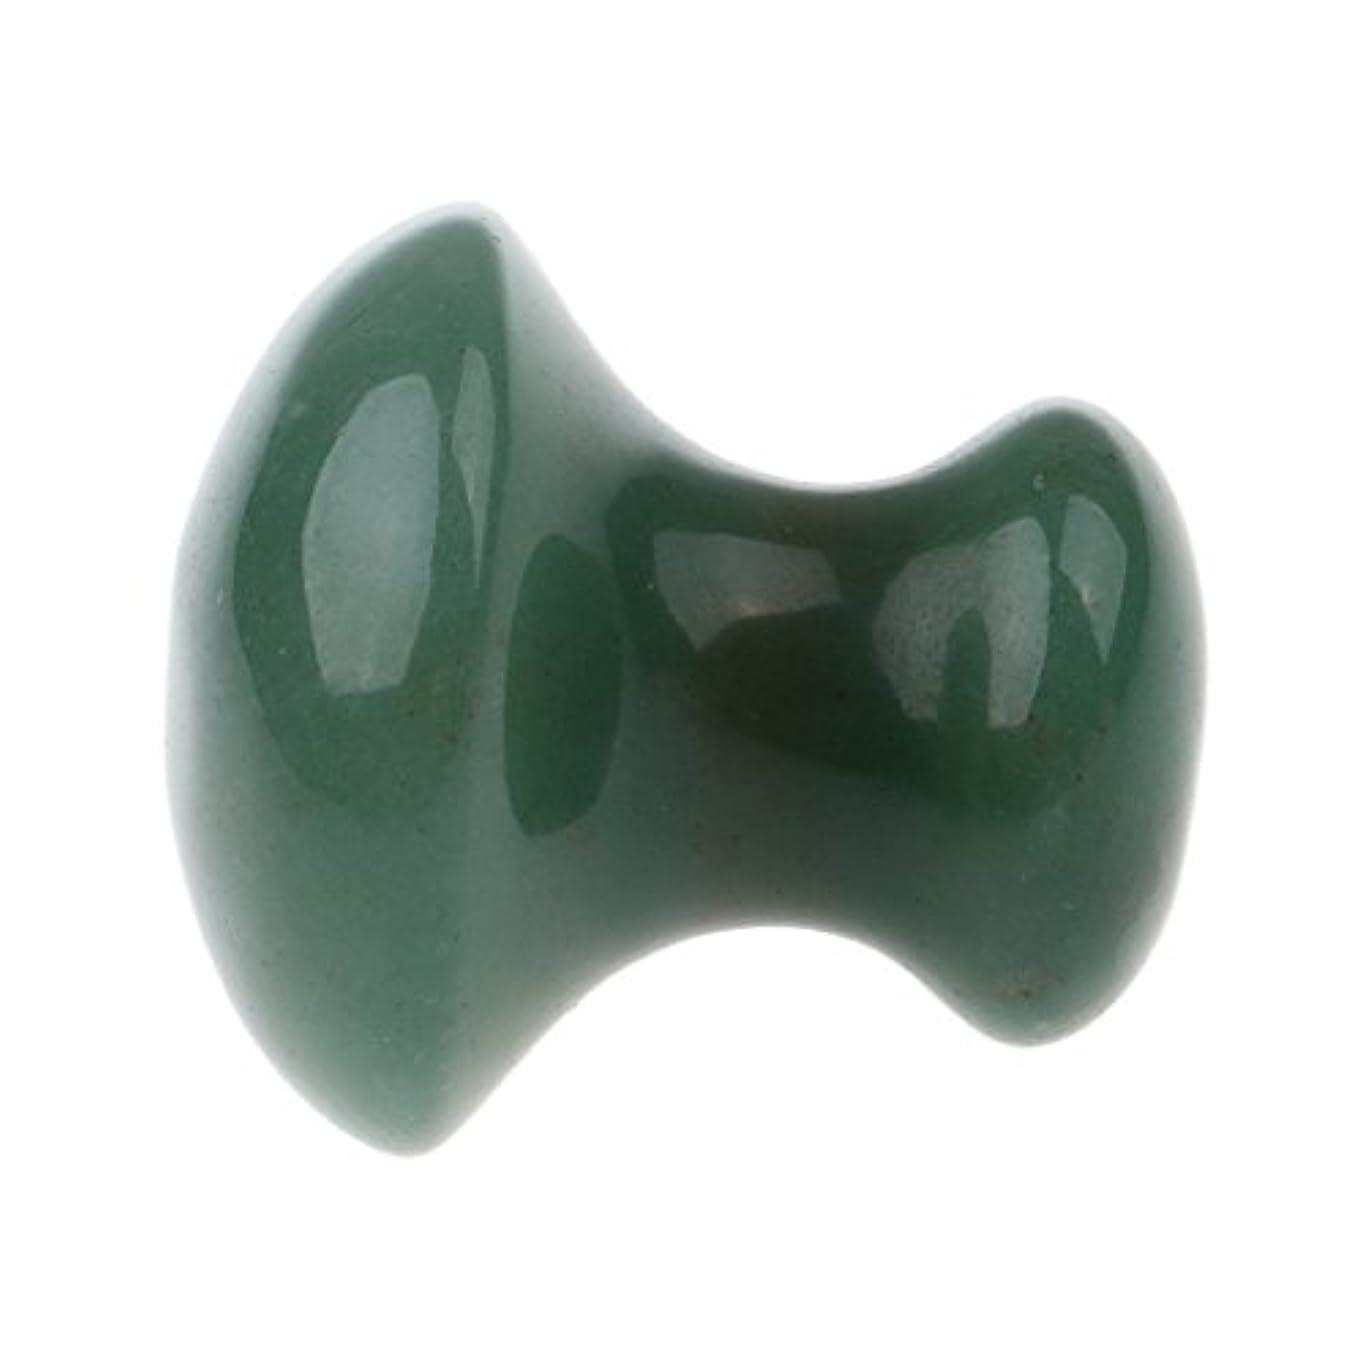 谷マーキー組み合わせるPerfk マッサージストーン 石 ストーン 美容 マッシュルーム スキンケア 2色選べる - 緑